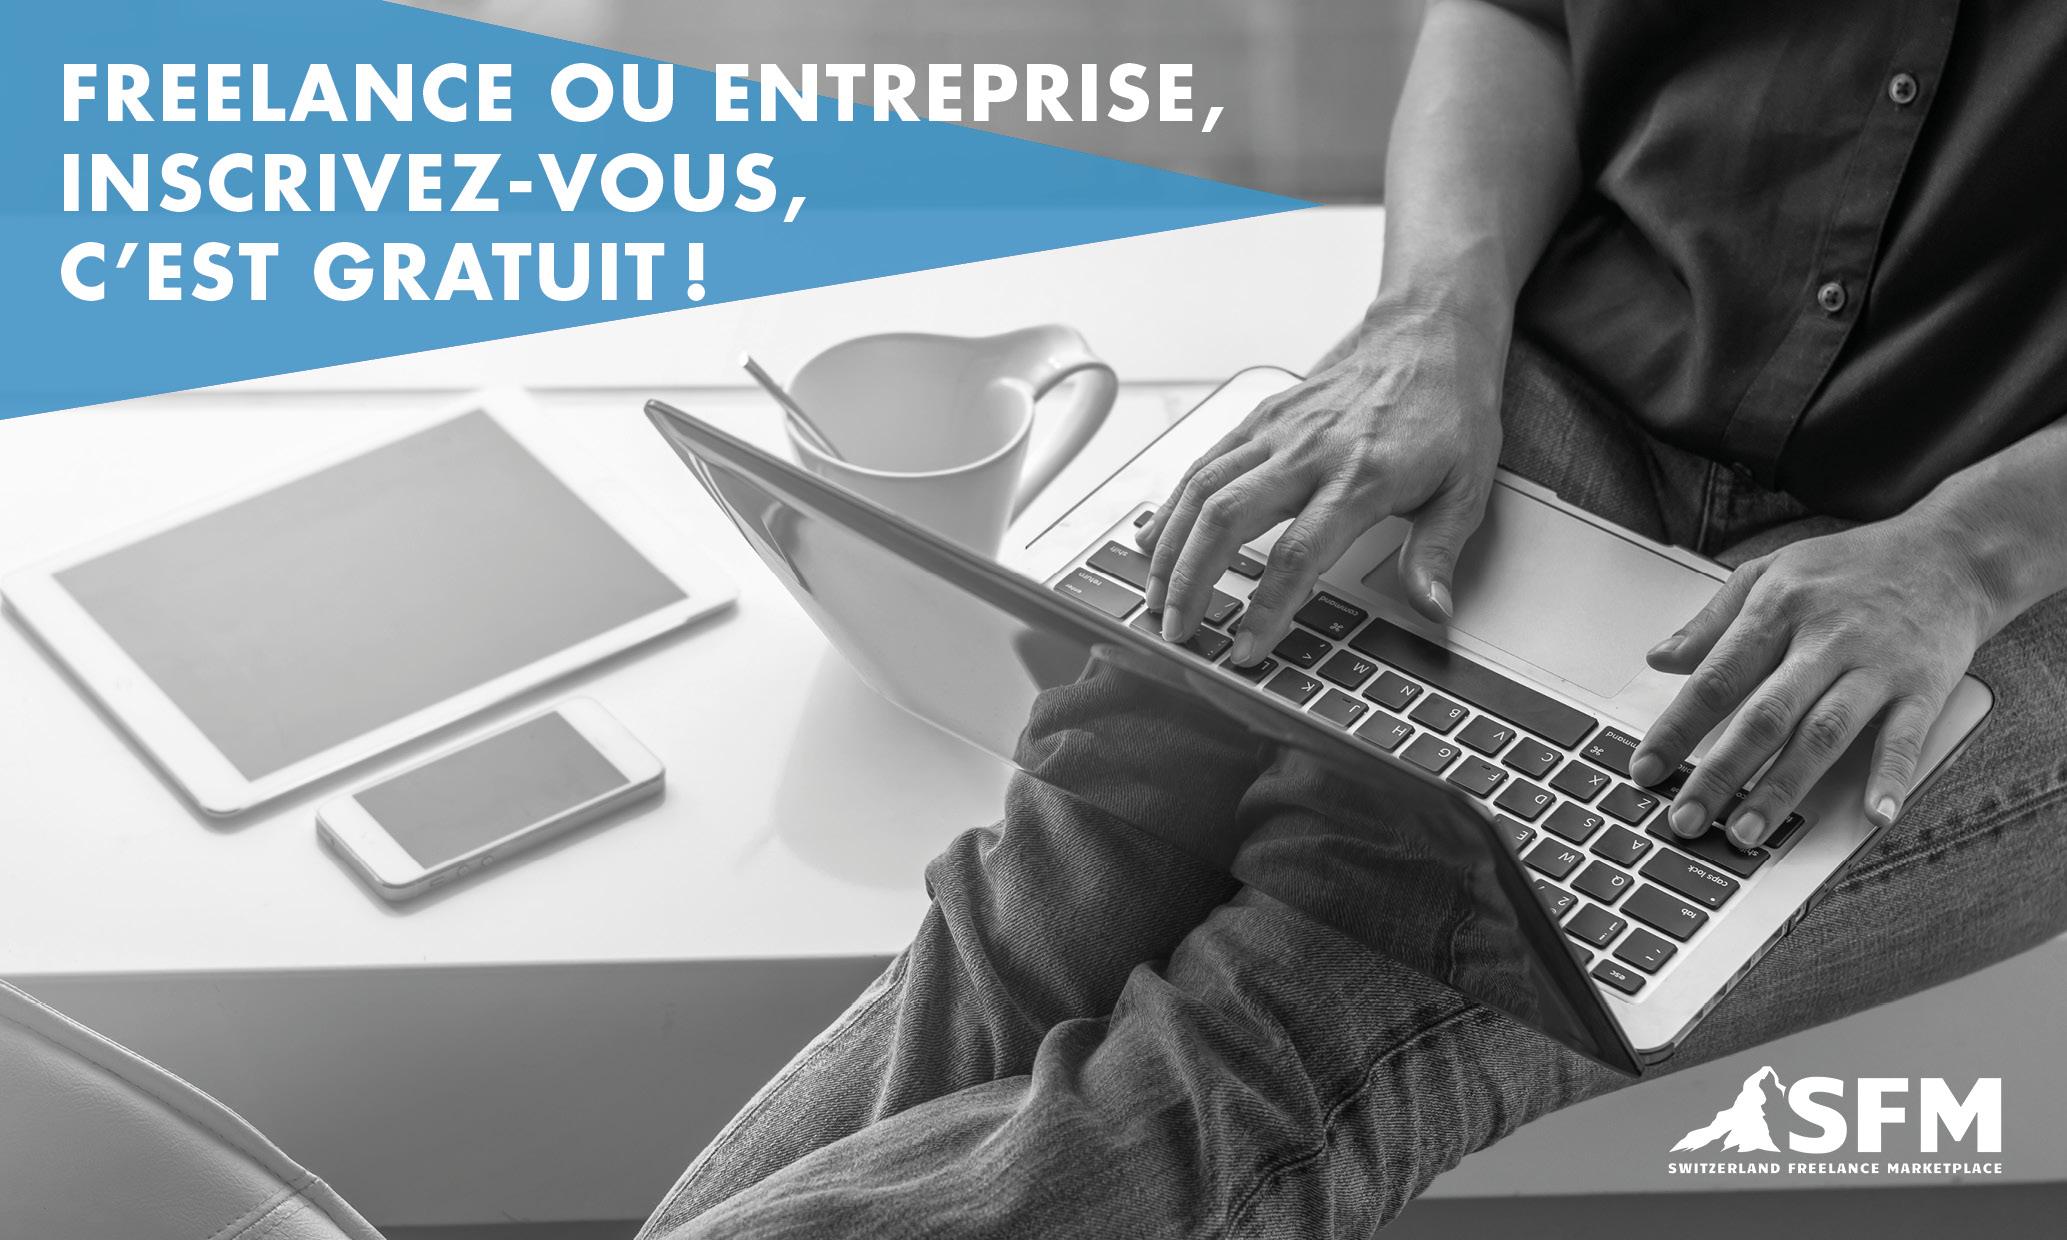 Freelance ou entreprise, inscrivez-vous, c'est gratuit!